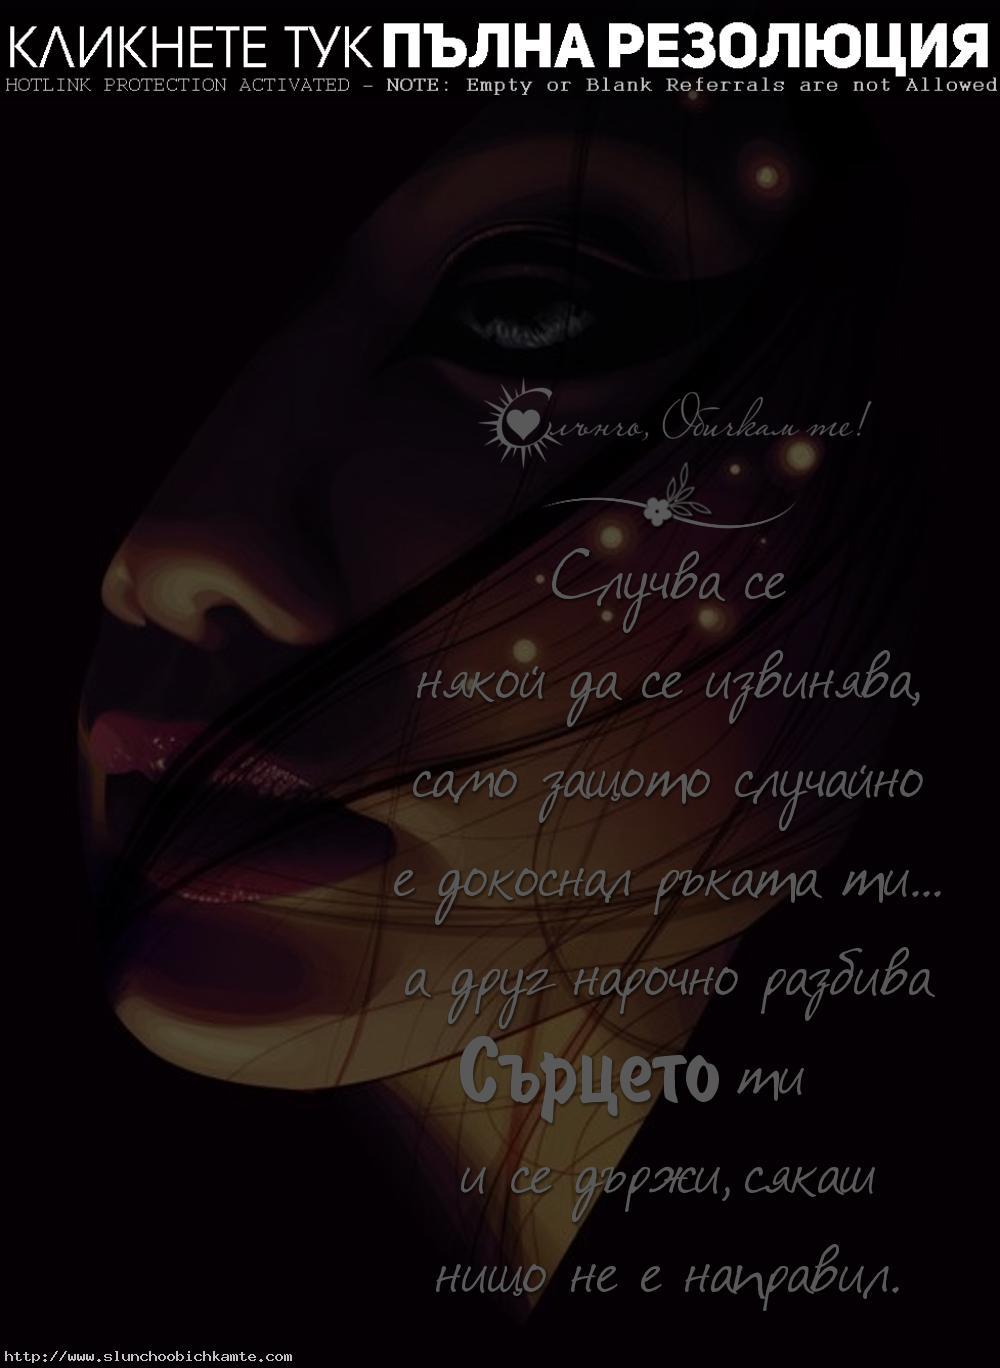 Случва се някой да се извинява, само защото случайно е докоснал ръката ти, а друг нарочно разбива сърцето ти и се държи сякаш нищо не е направил - любов, любовни мисли, раздяла, разочарование, болка, мъка, сълзи, разбито сърце, счупено сърце, страдам, прегръдка, целувка, любов, обич, сърцебиене, истинска любов, извинение, нарани ме, рана на сърцето, рани, боли ли сърцето, тъжна, тъжно е, липсваш, върни се, не си отивай, спомени, несподелена любов